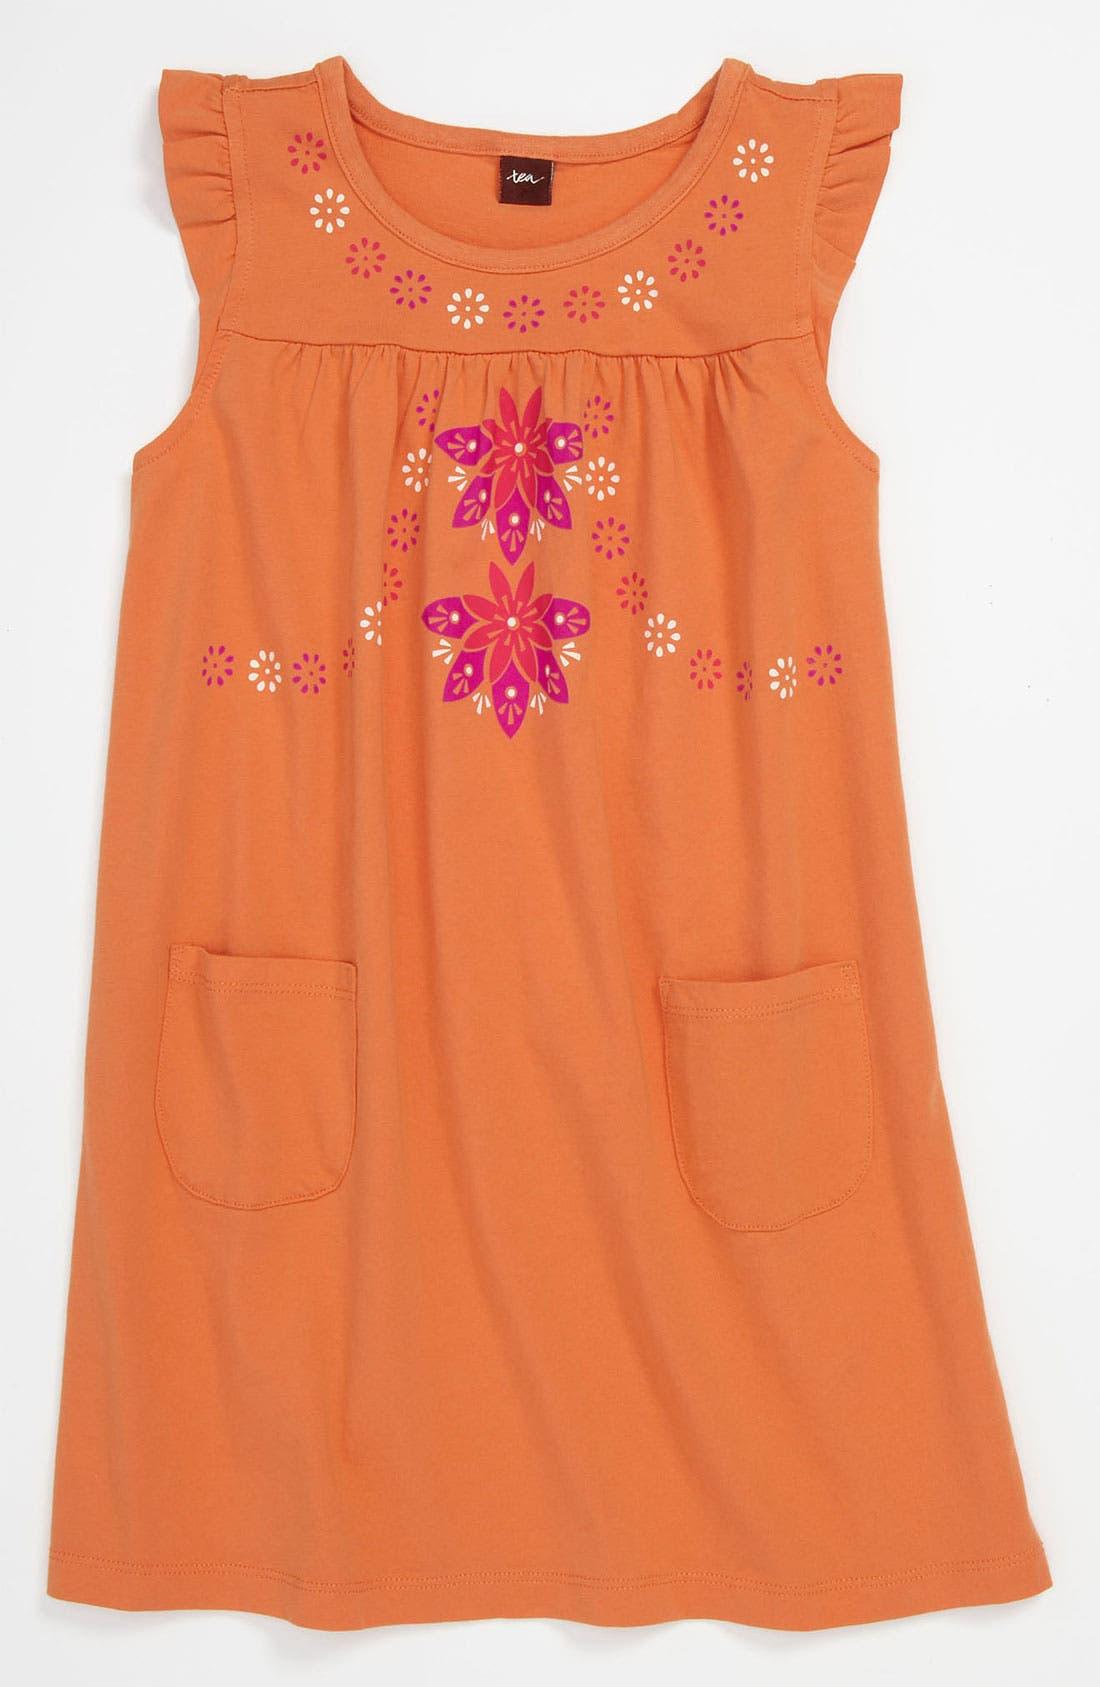 Alternate Image 1 Selected - Tea Collection Empire Waist Dress (Little Girls & Big Girls)